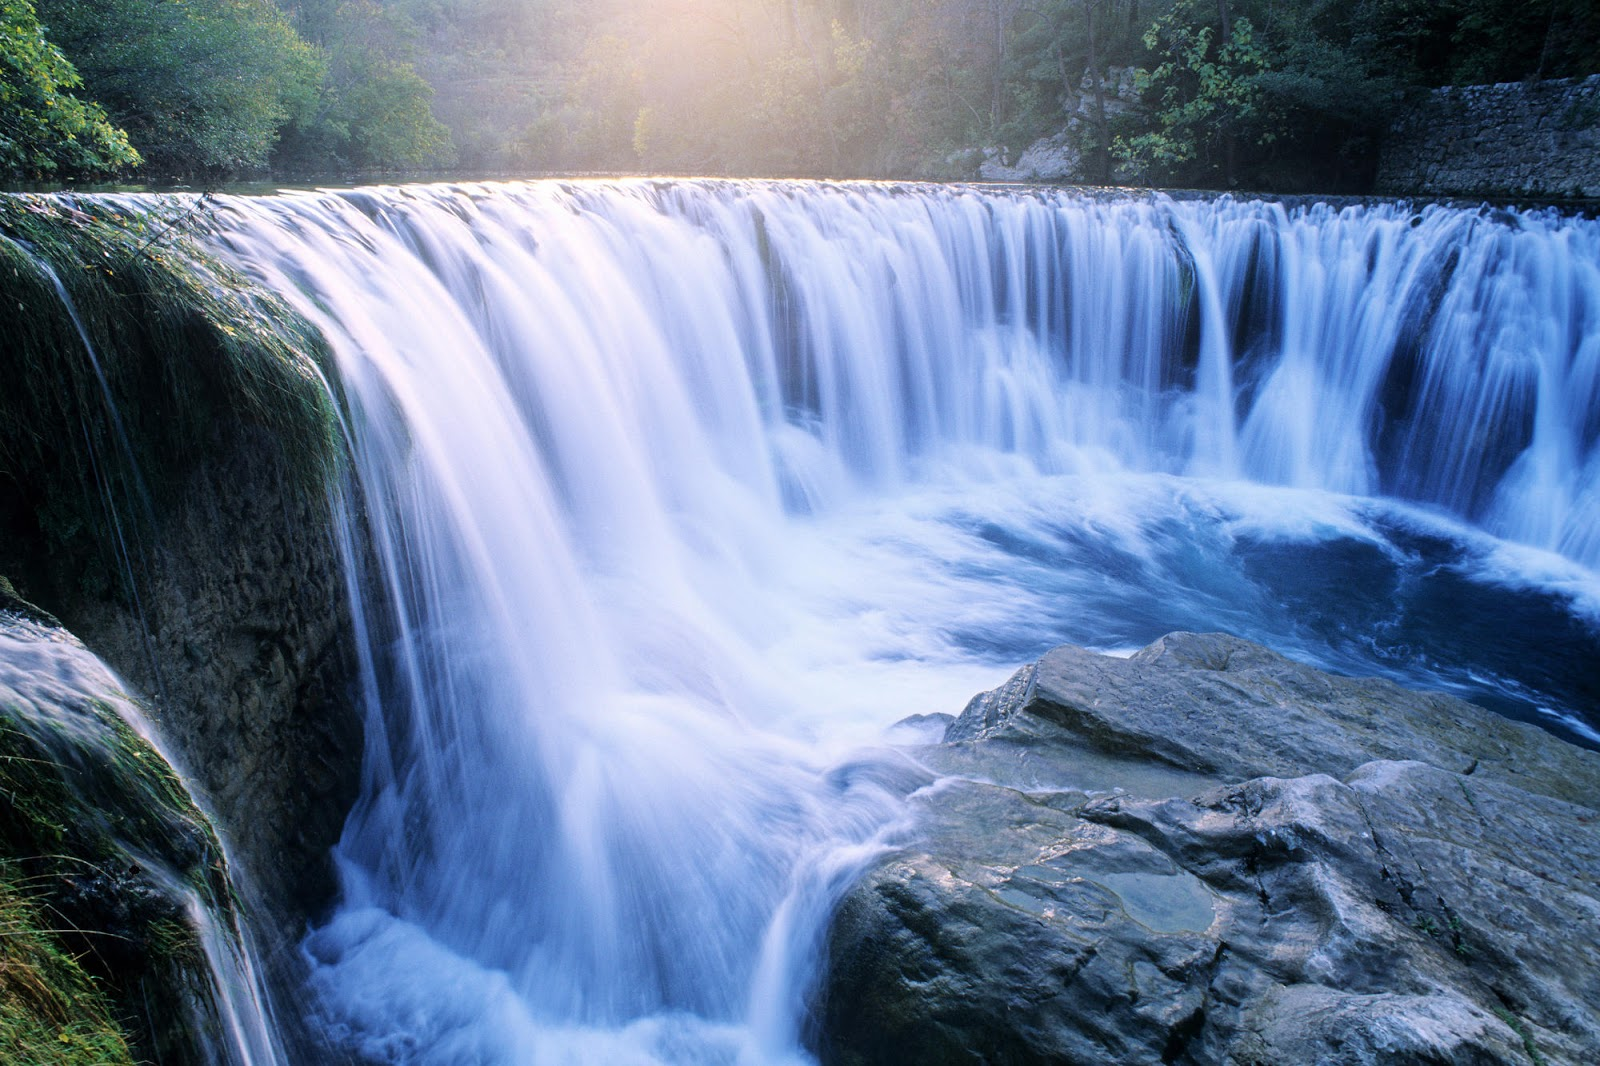 http://4.bp.blogspot.com/-ybJCIRw7-kk/UIpWUbXRD_I/AAAAAAAAAAo/tx8g6lvngSQ/s1600/Water%2BFall%2BAmazing%2BNature%2BWidescreen%2BWallpaper.jpg